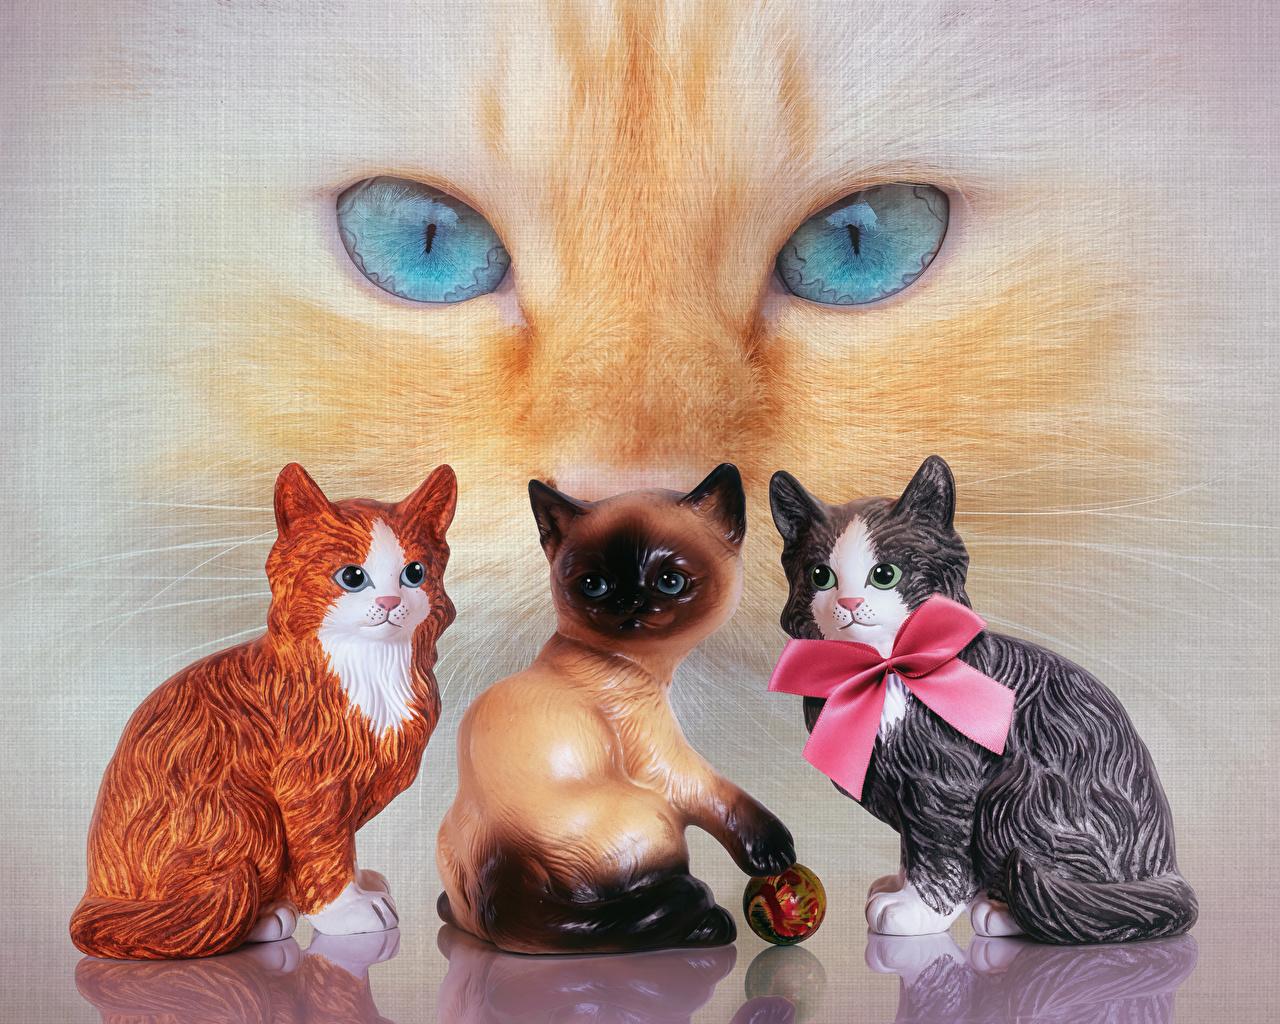 Картинки кот Глаза Бантик животное скульптура коты кошка Кошки бант бантики Животные Скульптуры